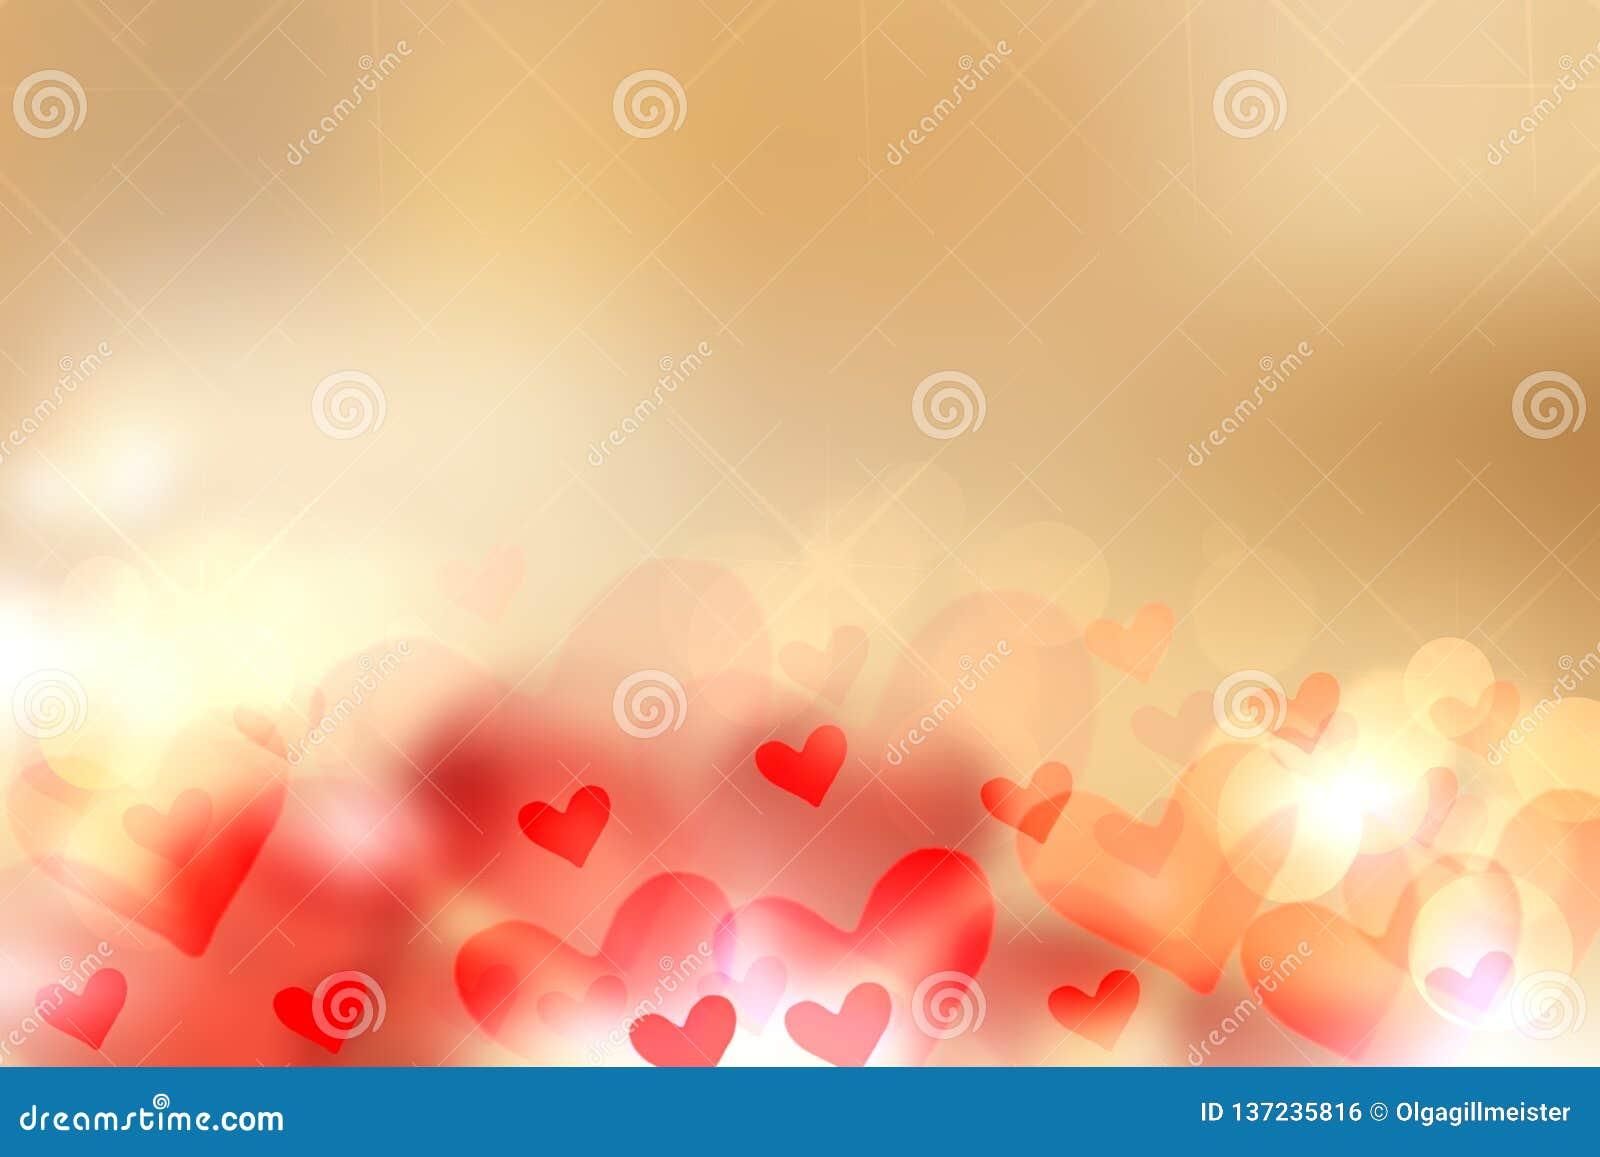 愉快的华伦泰或婚礼那天背景 与红色和金黄心脏的摘要爱浪漫假日金黄背景 模板